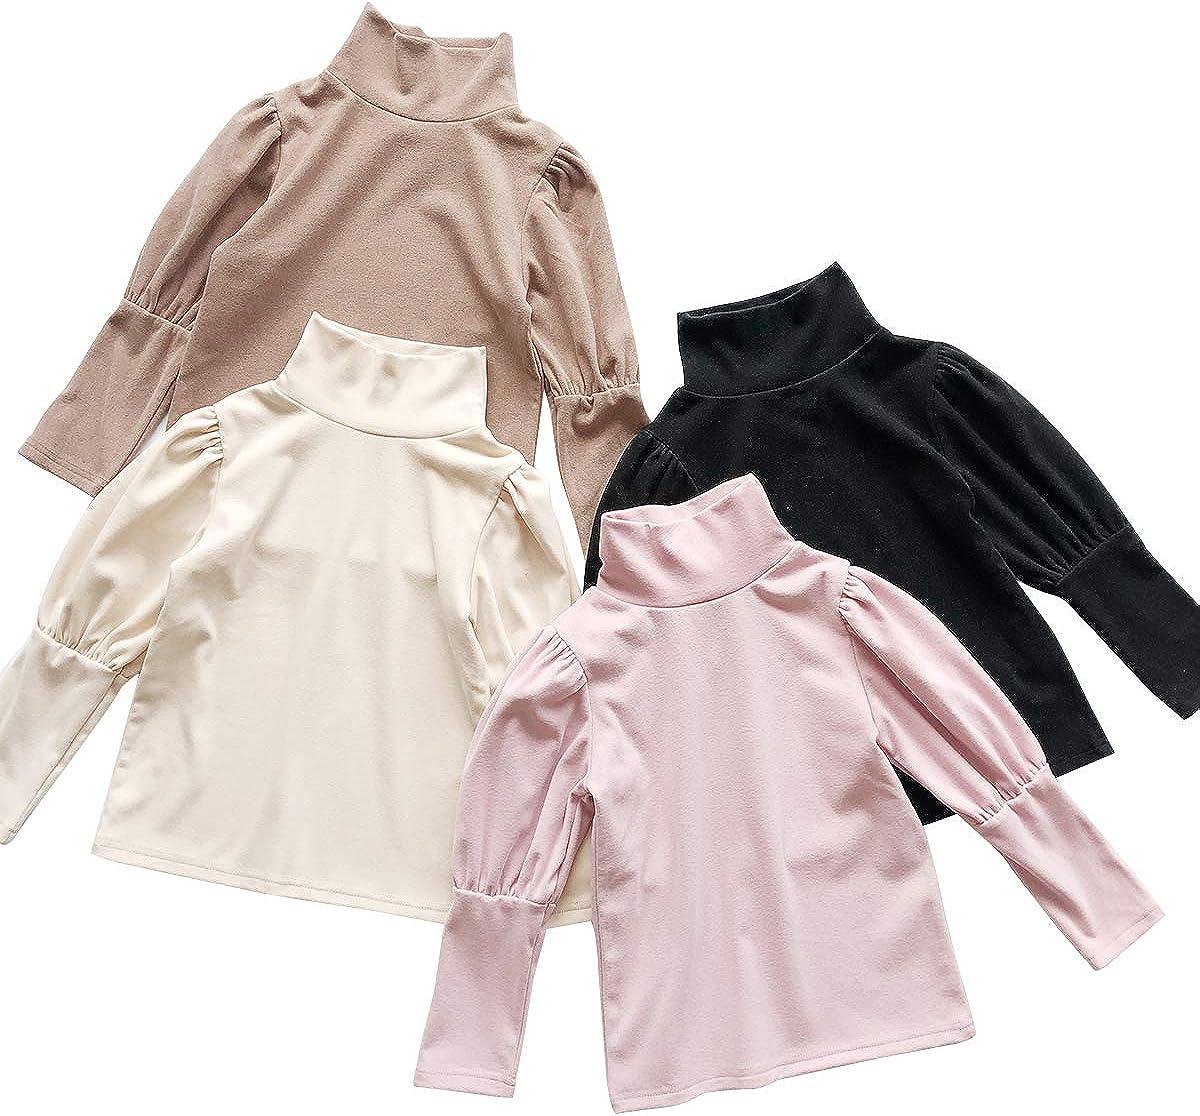 Toddler Kids Baby Girl Turtleneck Puff Long Sleeve Shirts Blouse